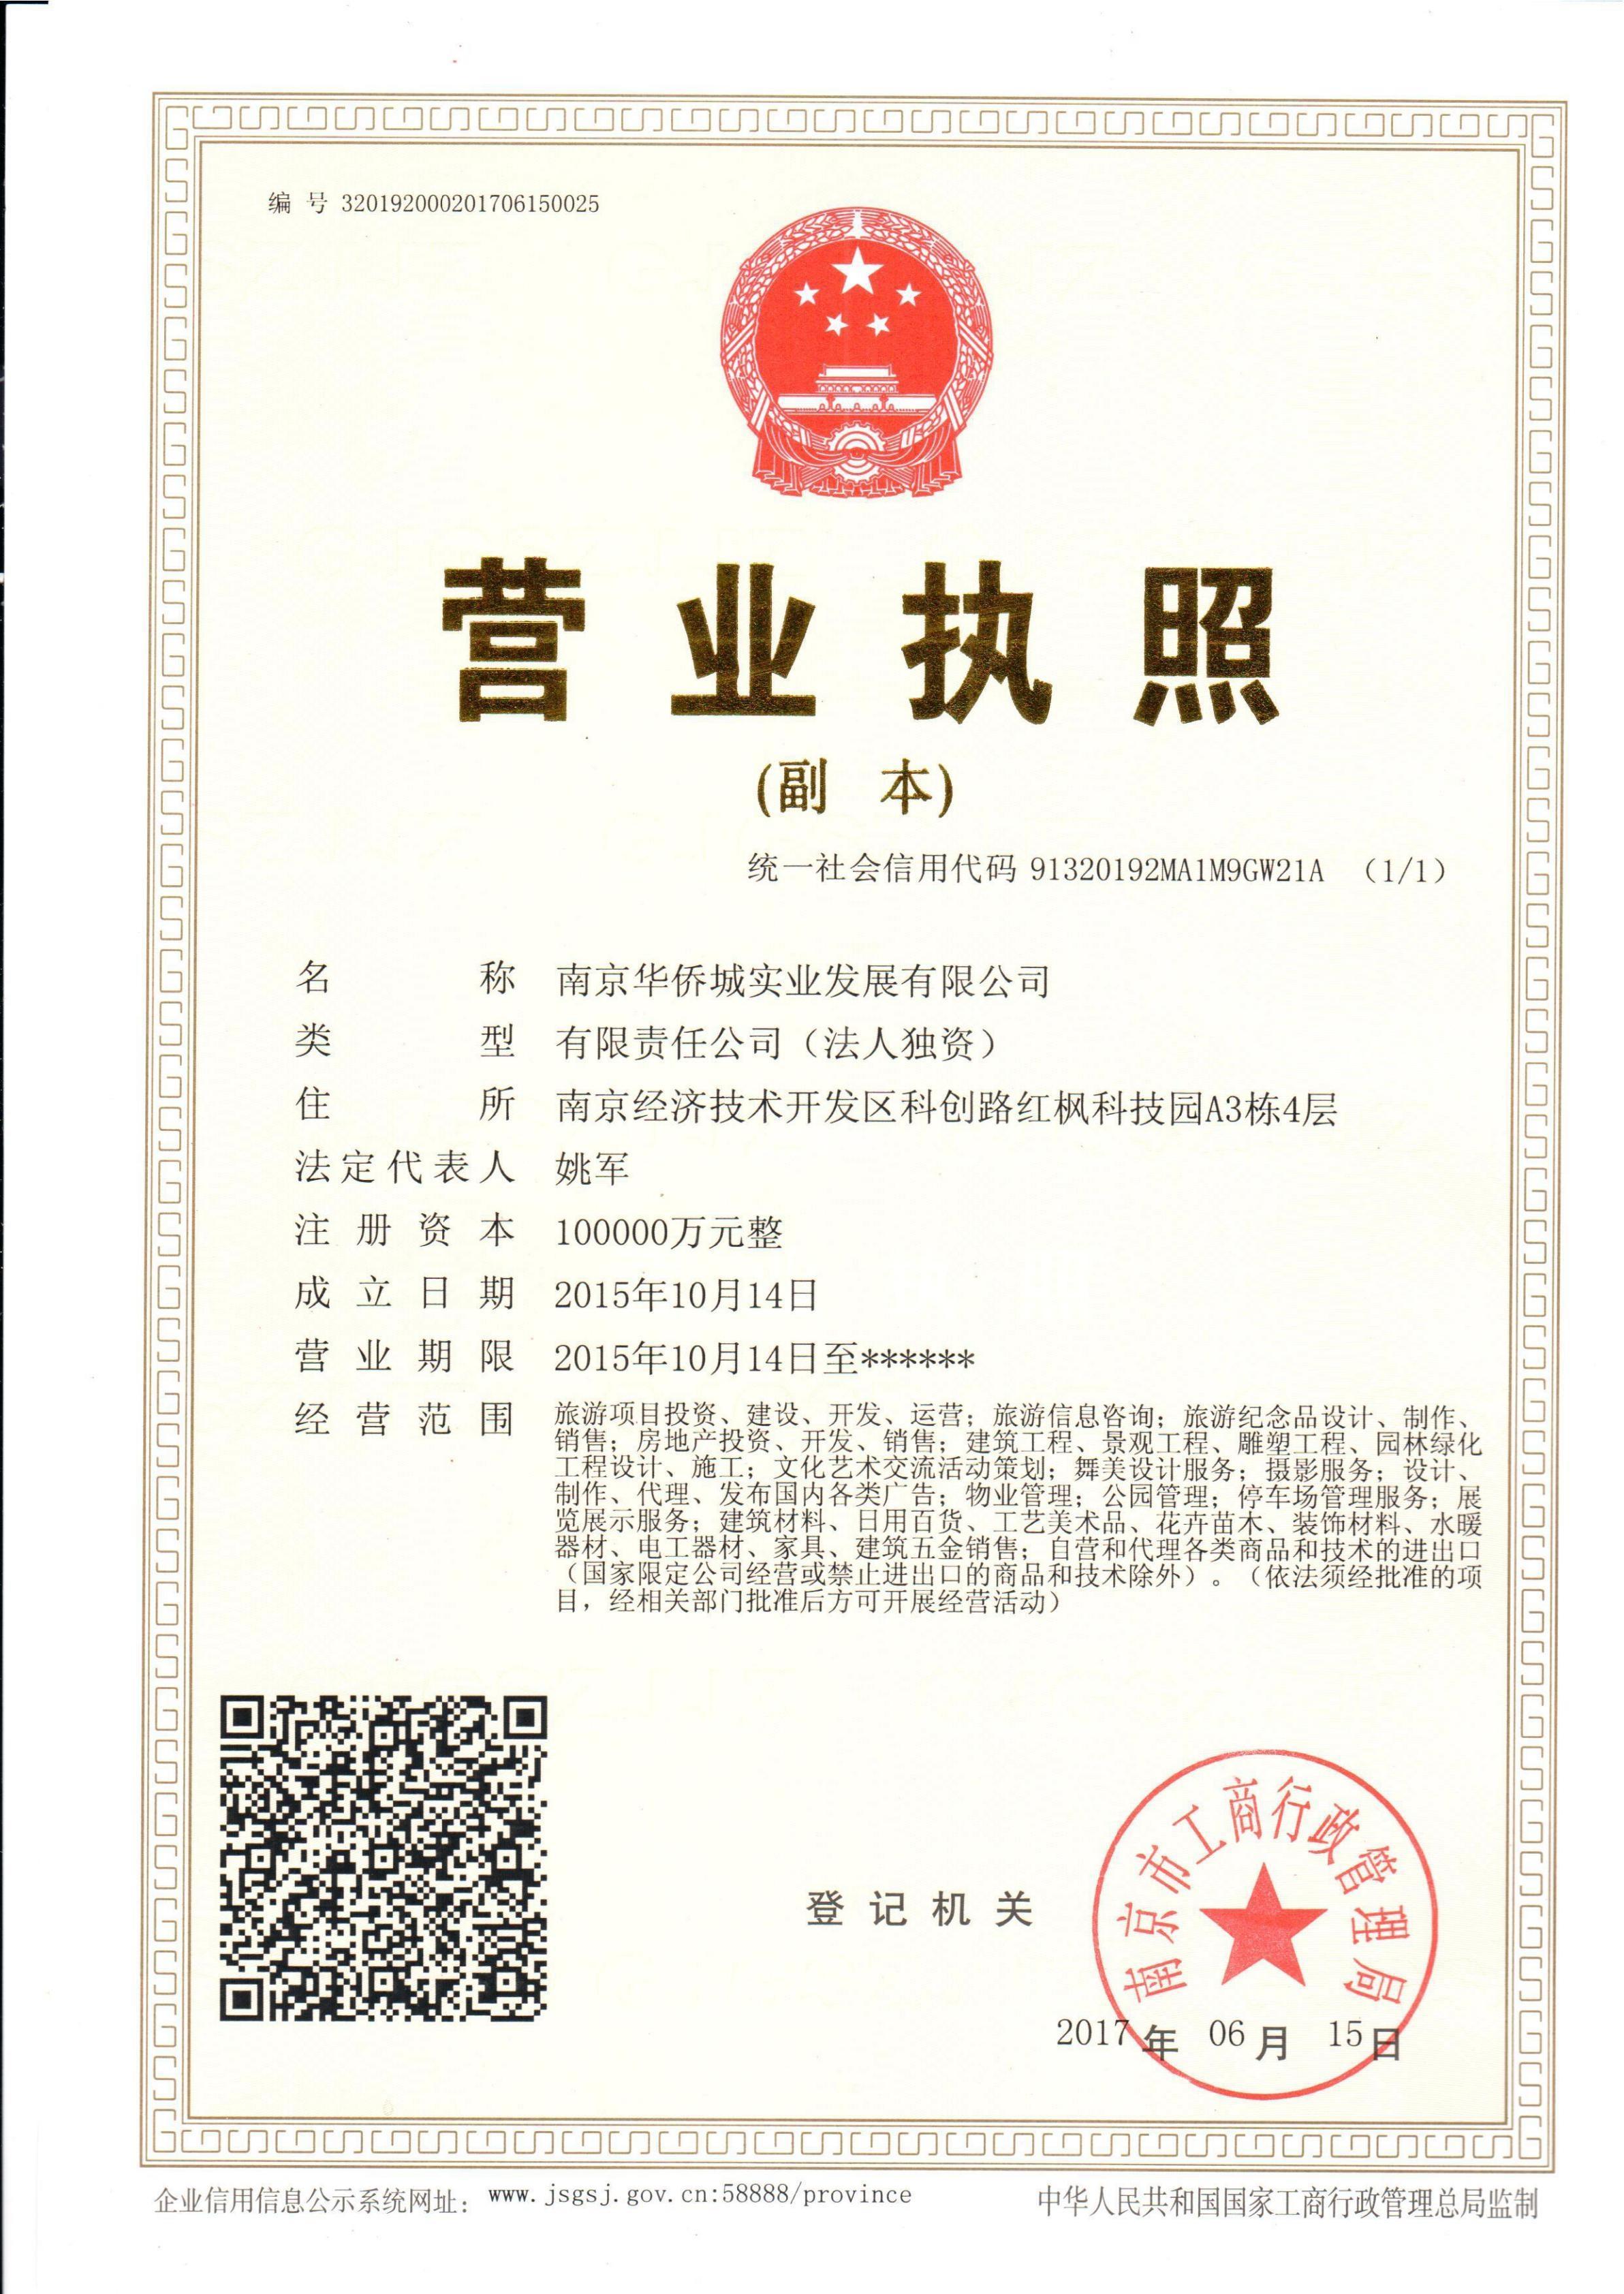 华侨城翡翠天域营业执照